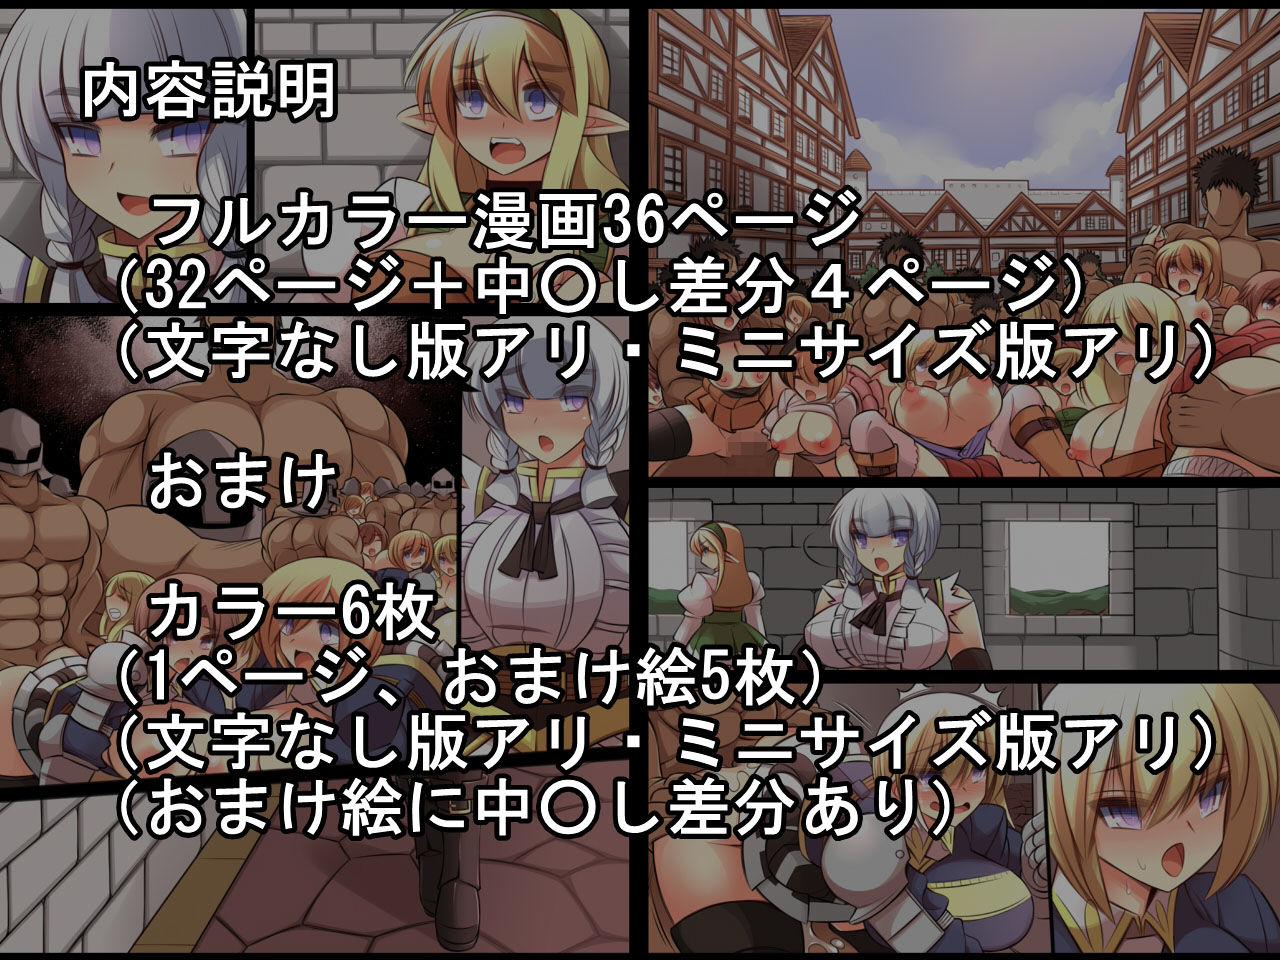 【同人ソフト】シュナイダー戦 [succubus]